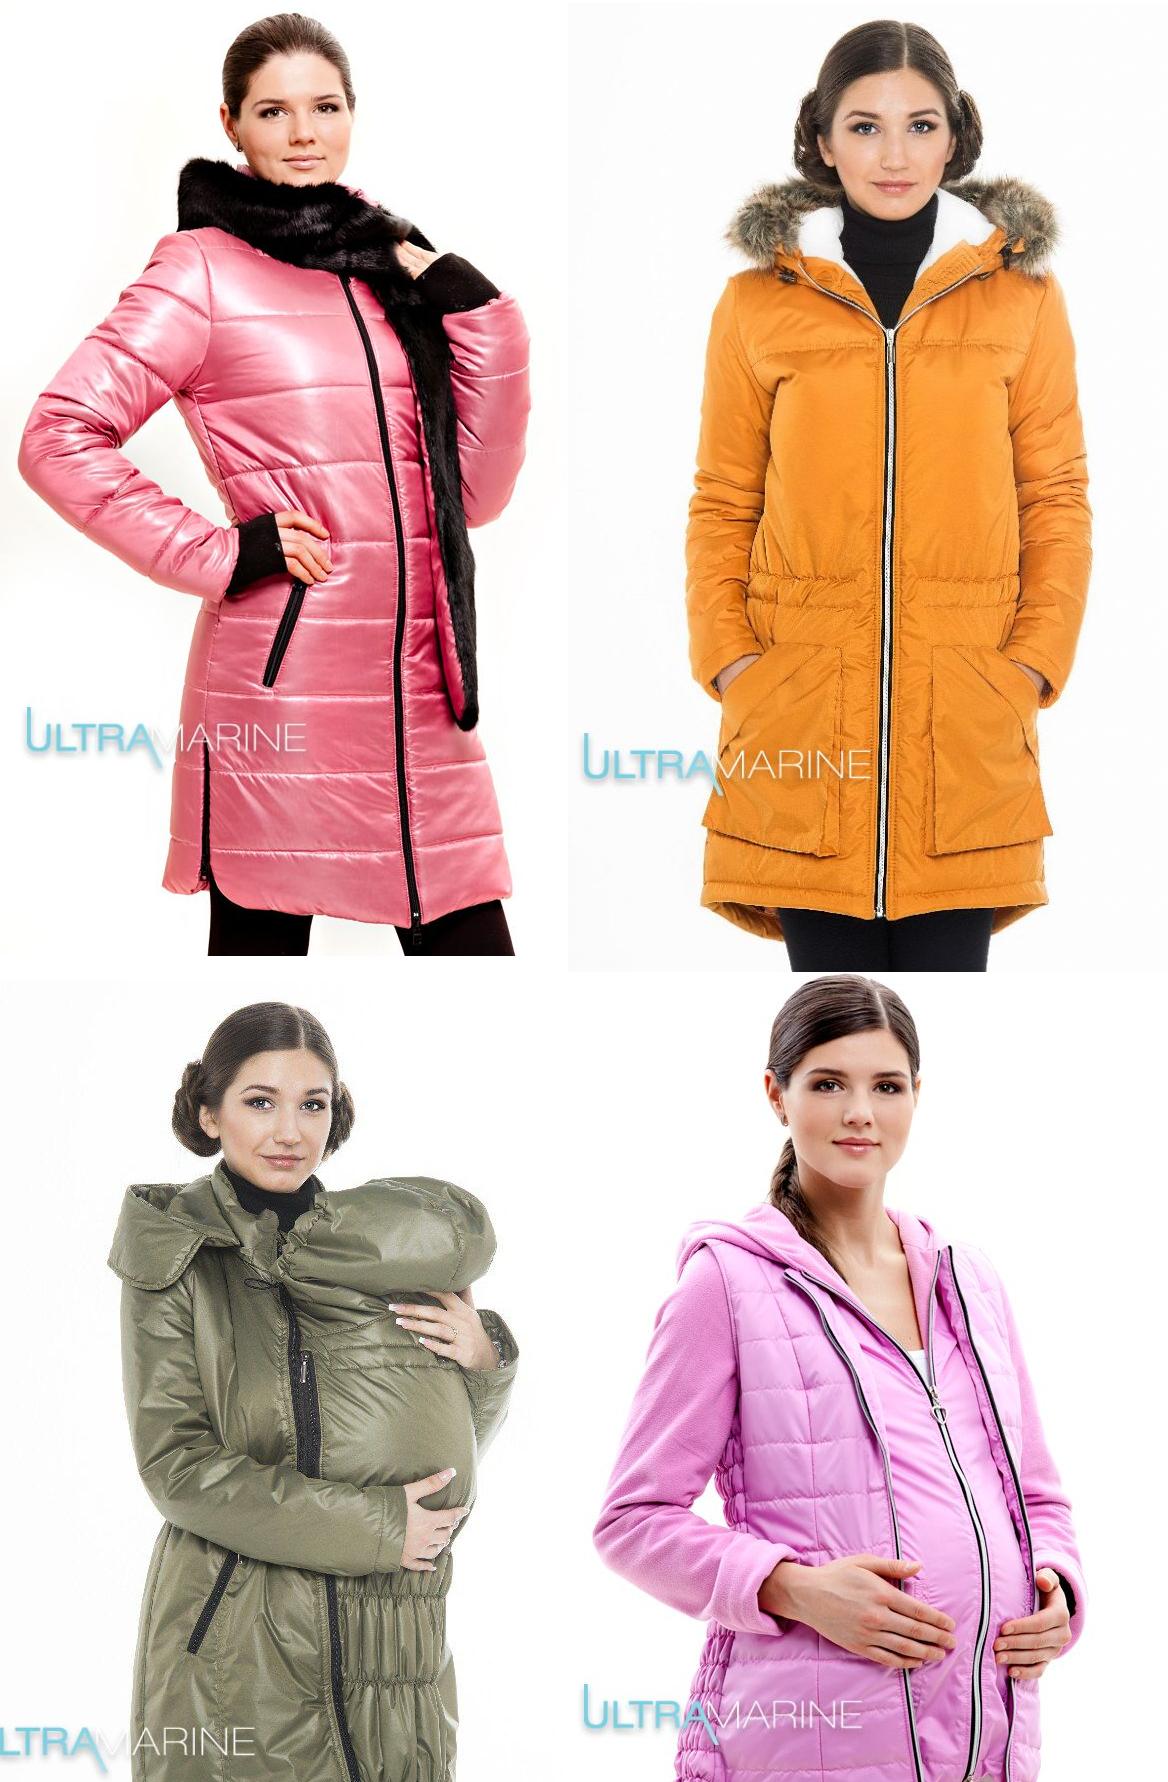 Сбор заказов. Верхняя одежда для беременных и слингоношения и просто отличные куртки 3в1 на все сезоны - 23